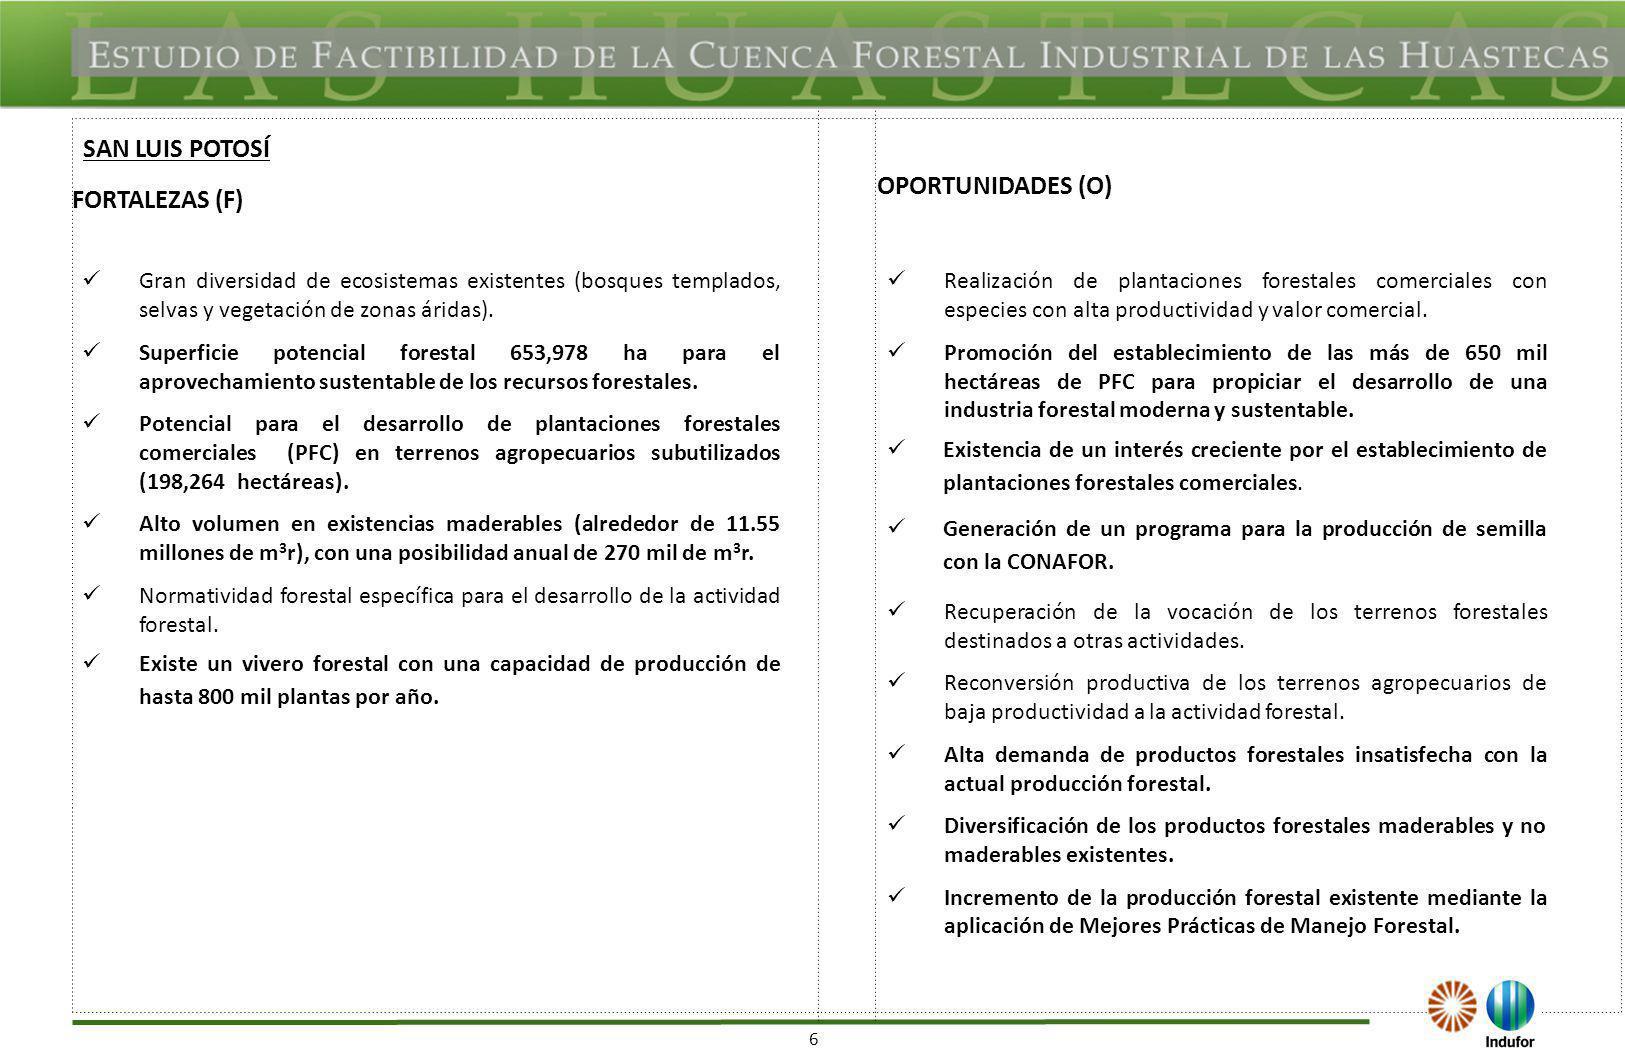 57 DEBILIDADES 2,272.56 hectáreas en el estado de Tamaulipas y 2,274.75 hectáreas en el estado de Veracruz se encuentran degradas siendo necesario aplicar acciones de restauración ambiental.